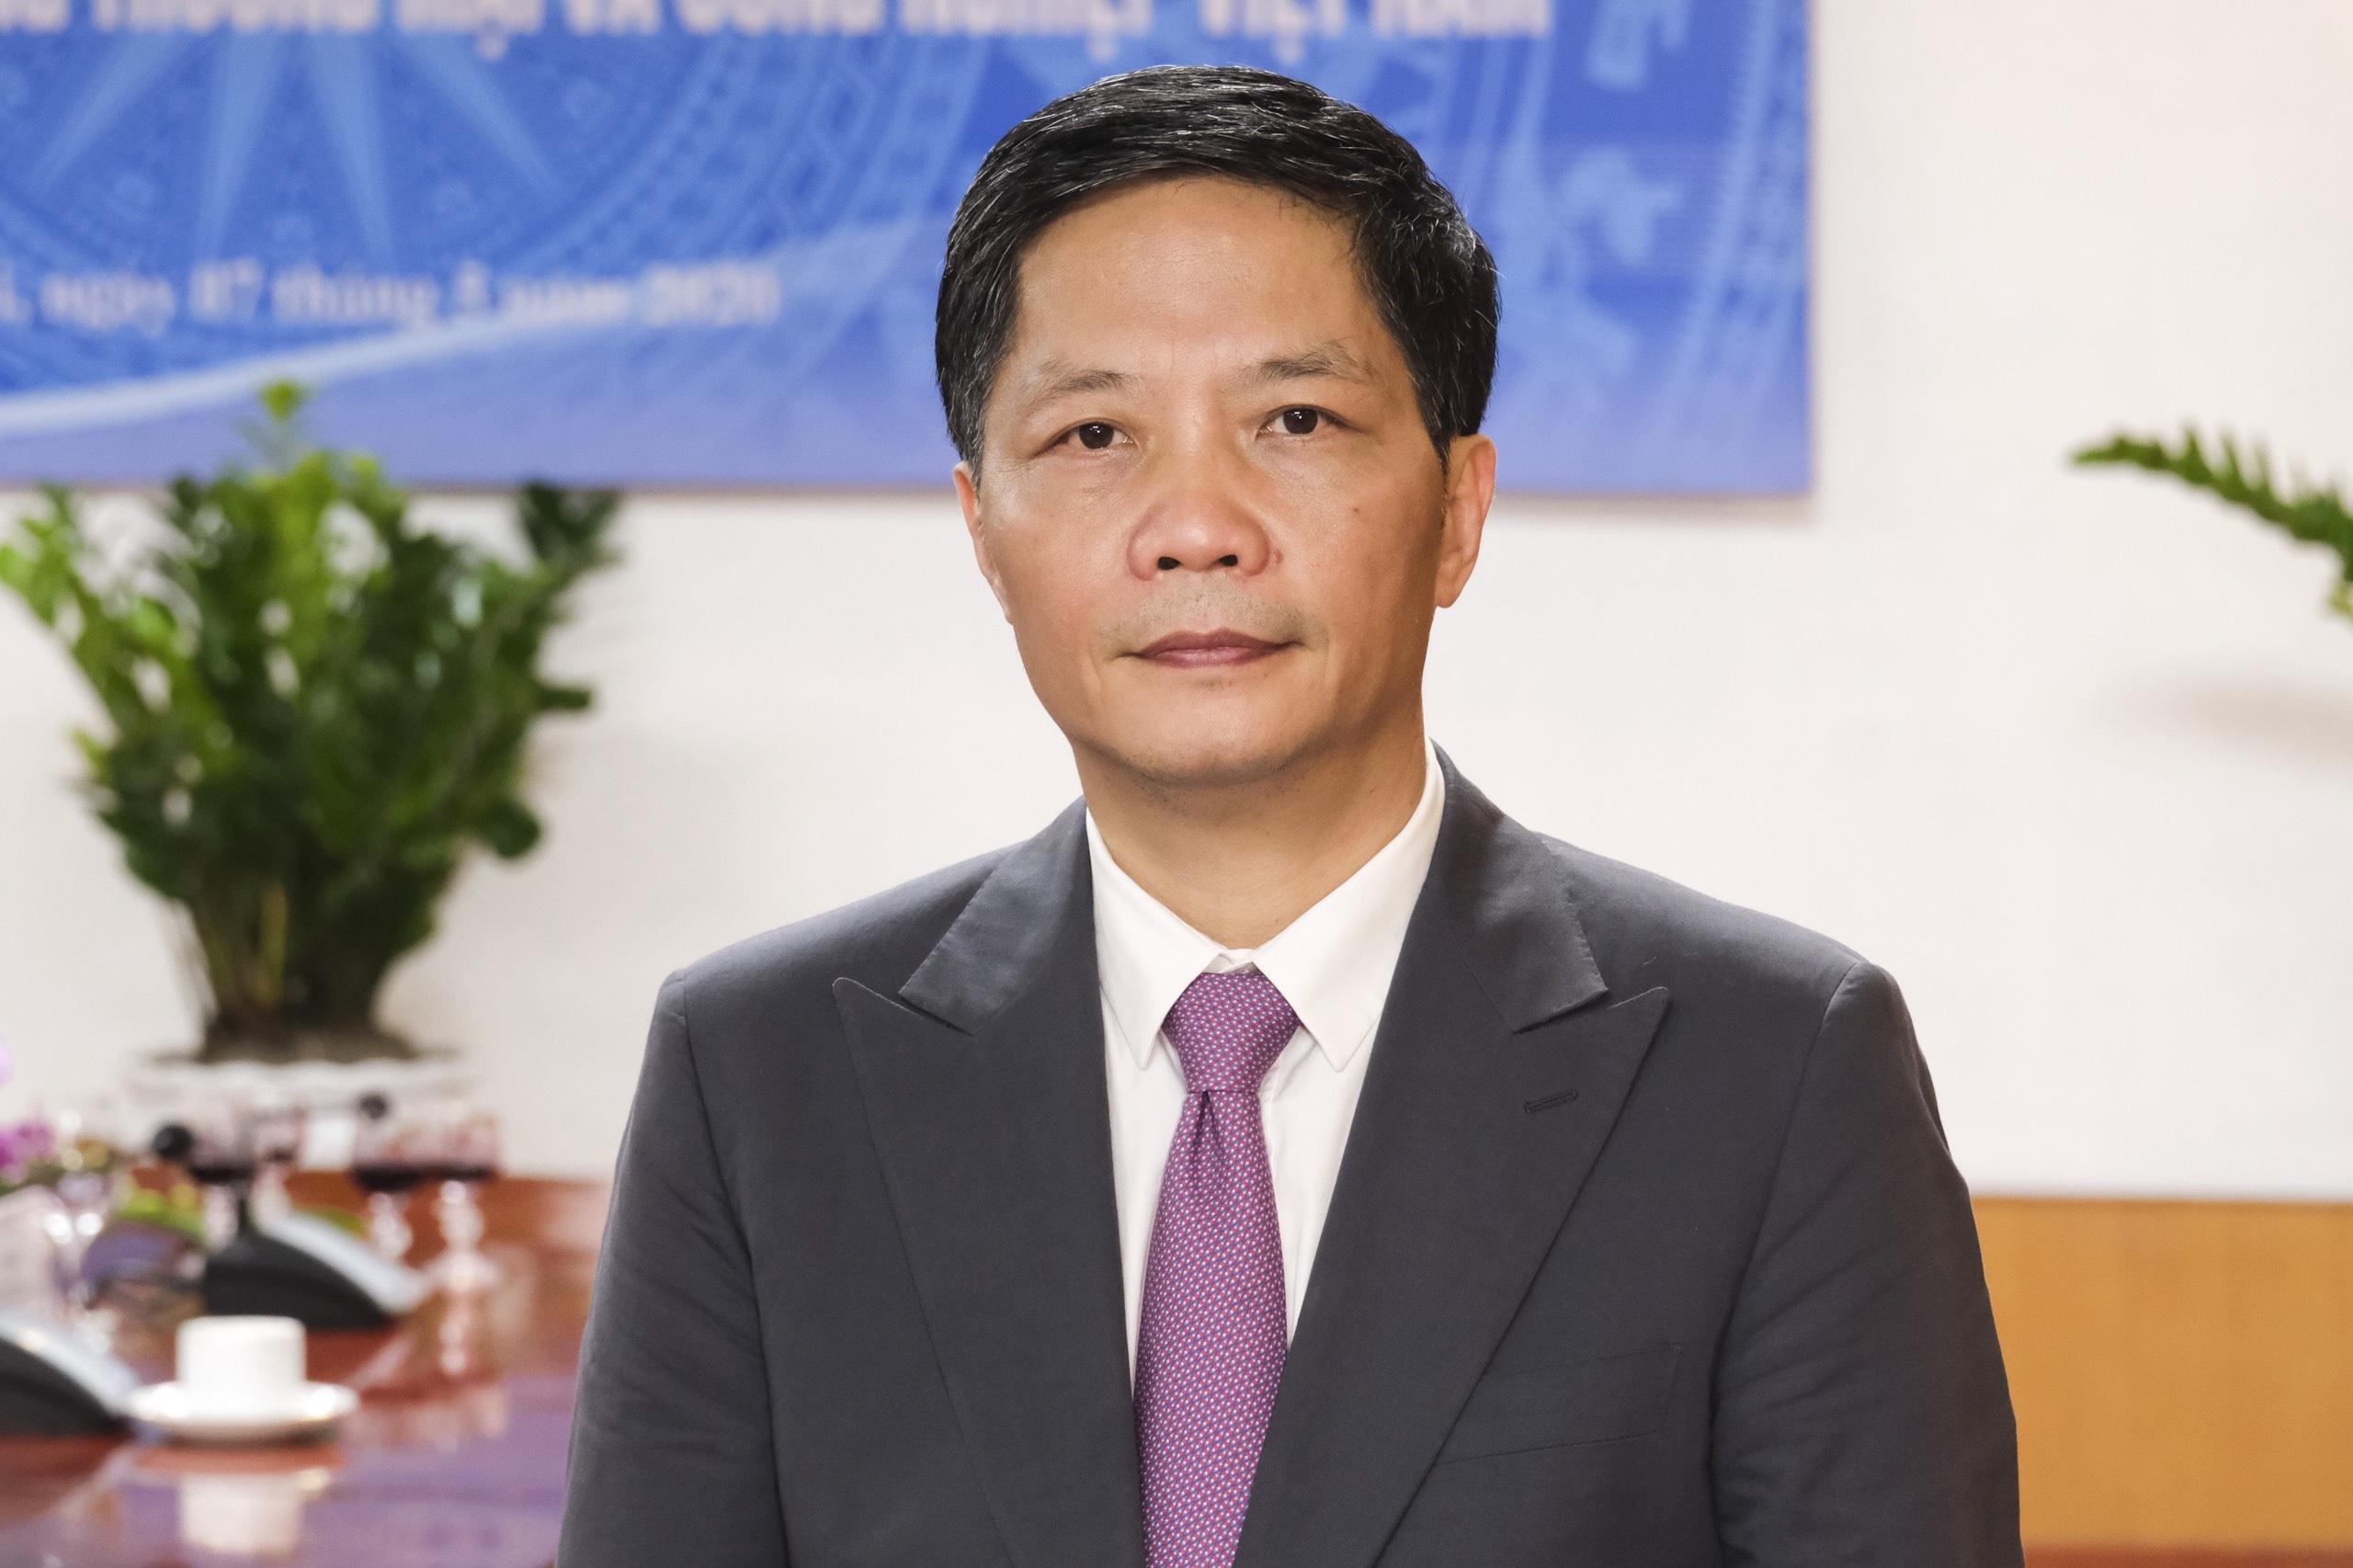 Tân Trưởng Ban Kinh tế TƯ chia sẻ về cơ hội bứt phá của kinh tế Việt Nam - 5